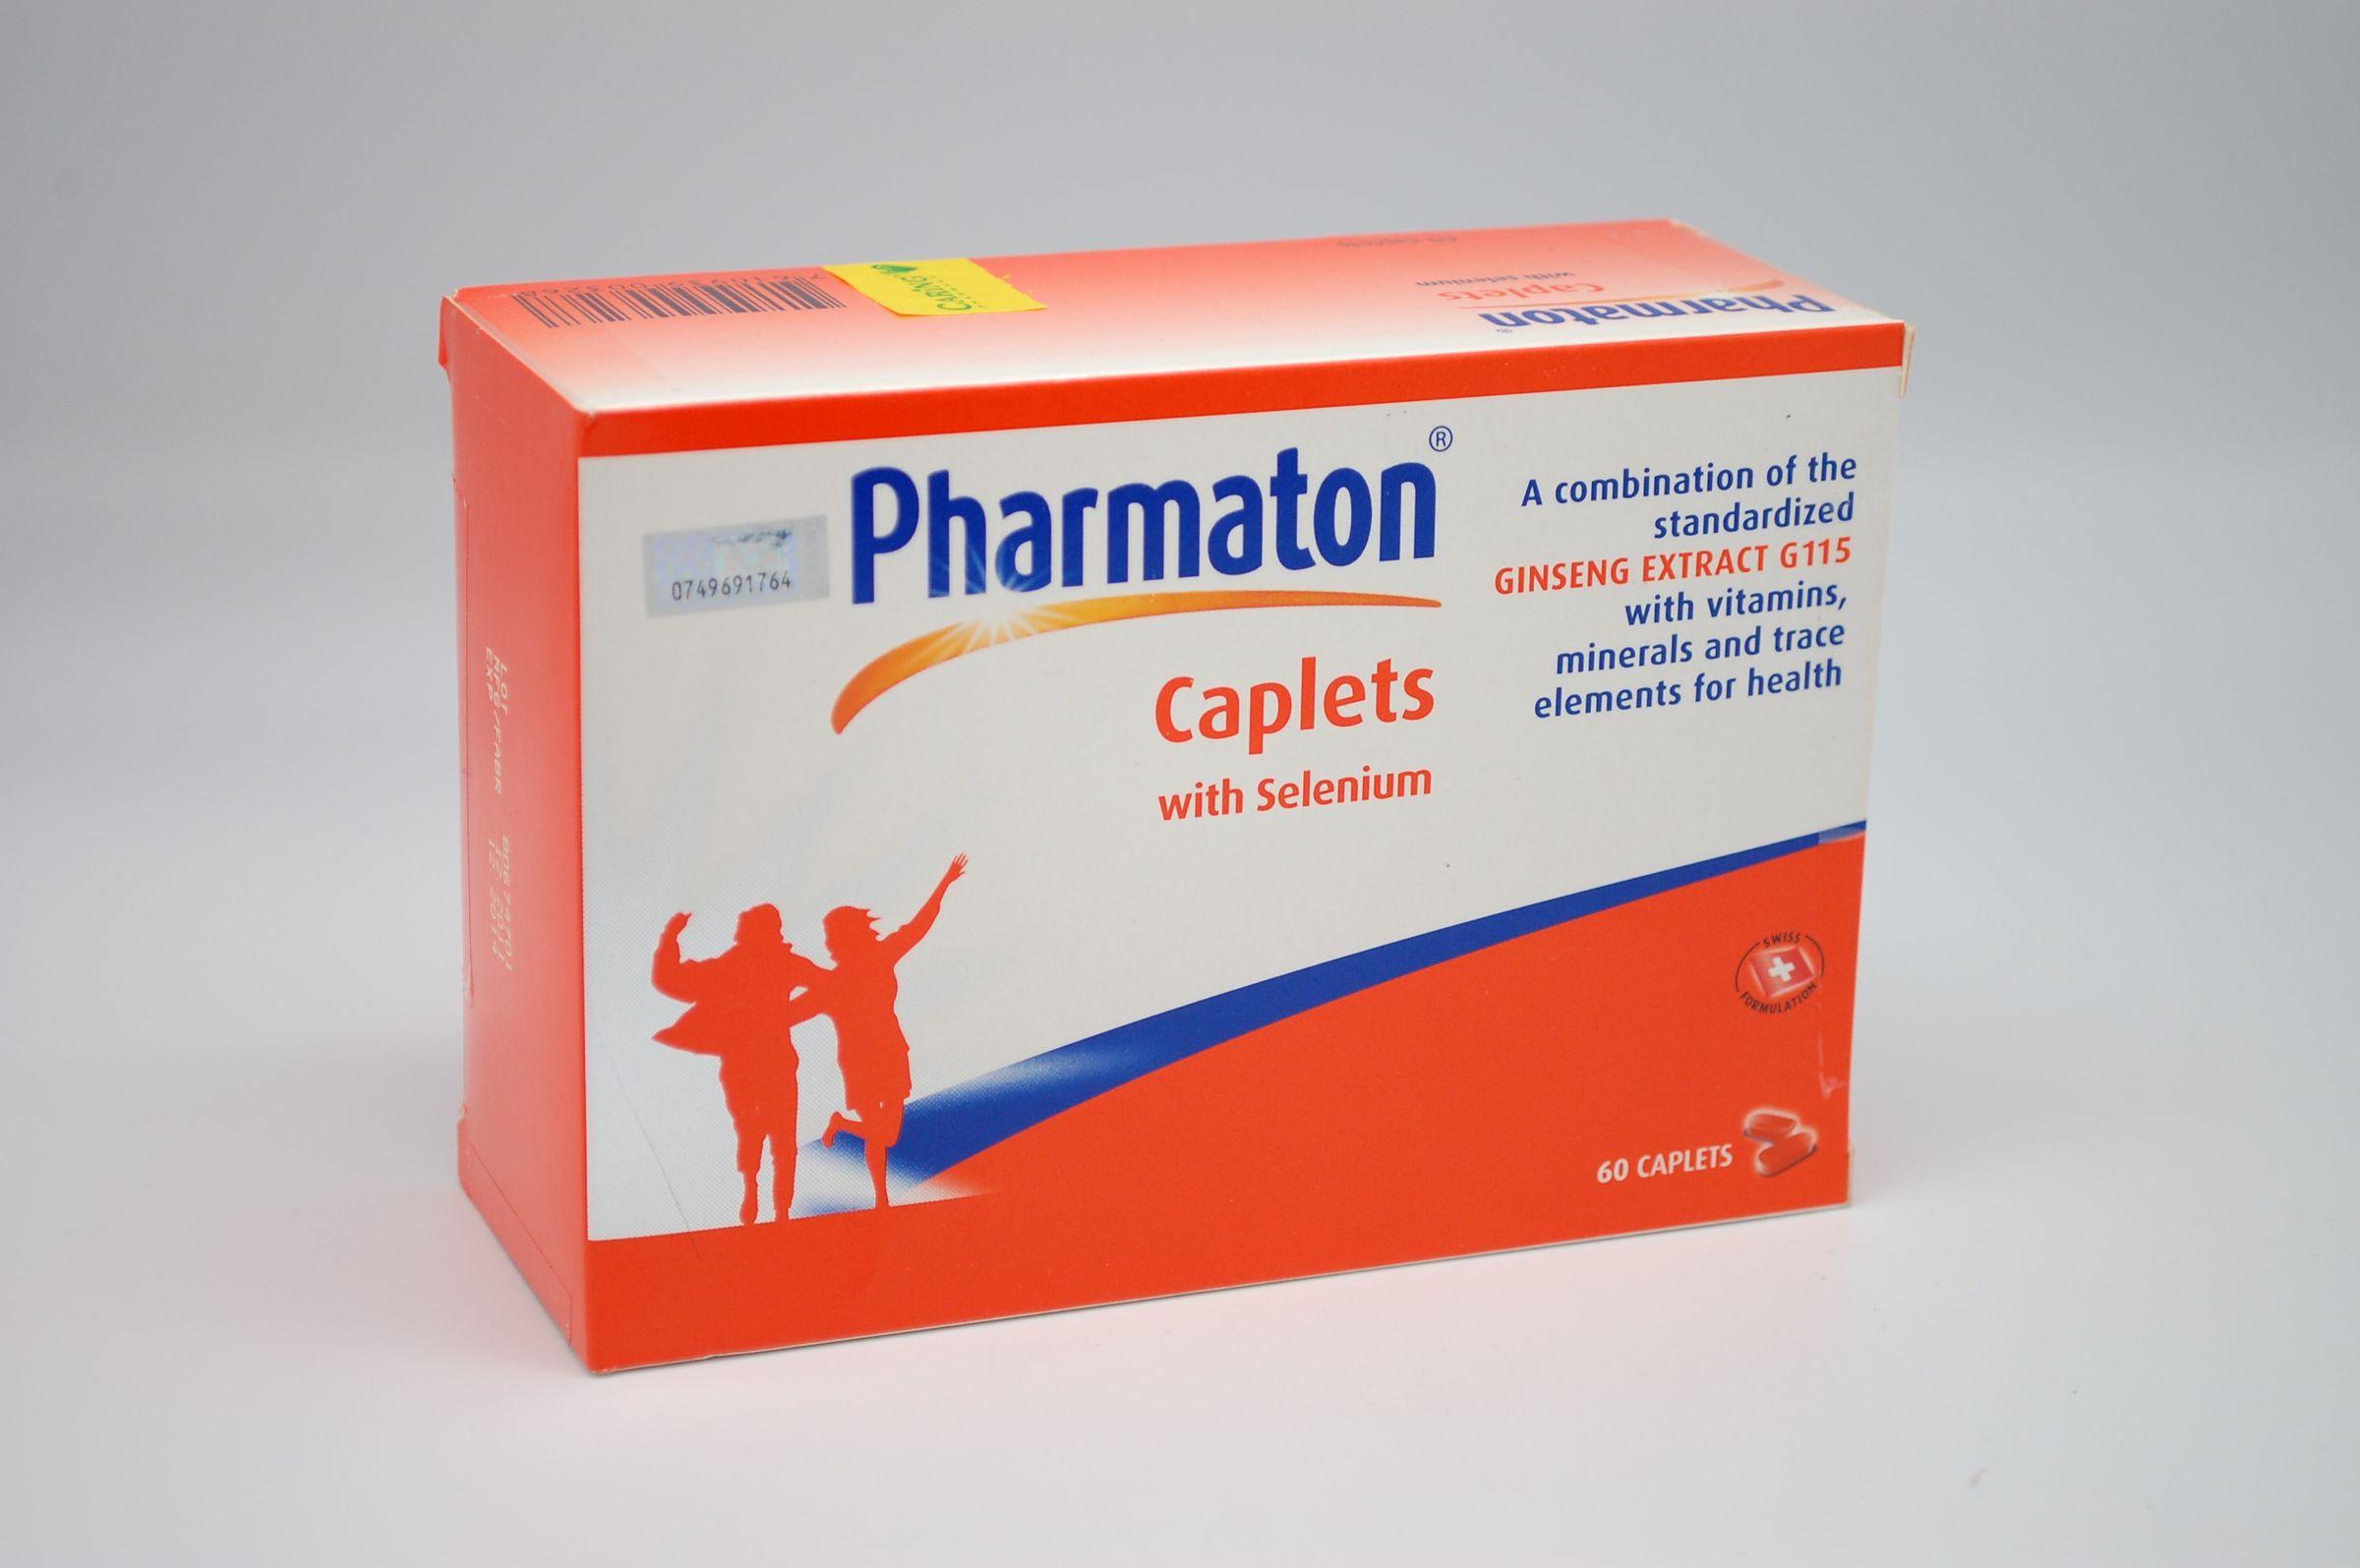 معلومات هامة عن دواء فارماتون Pharmaton المرسال